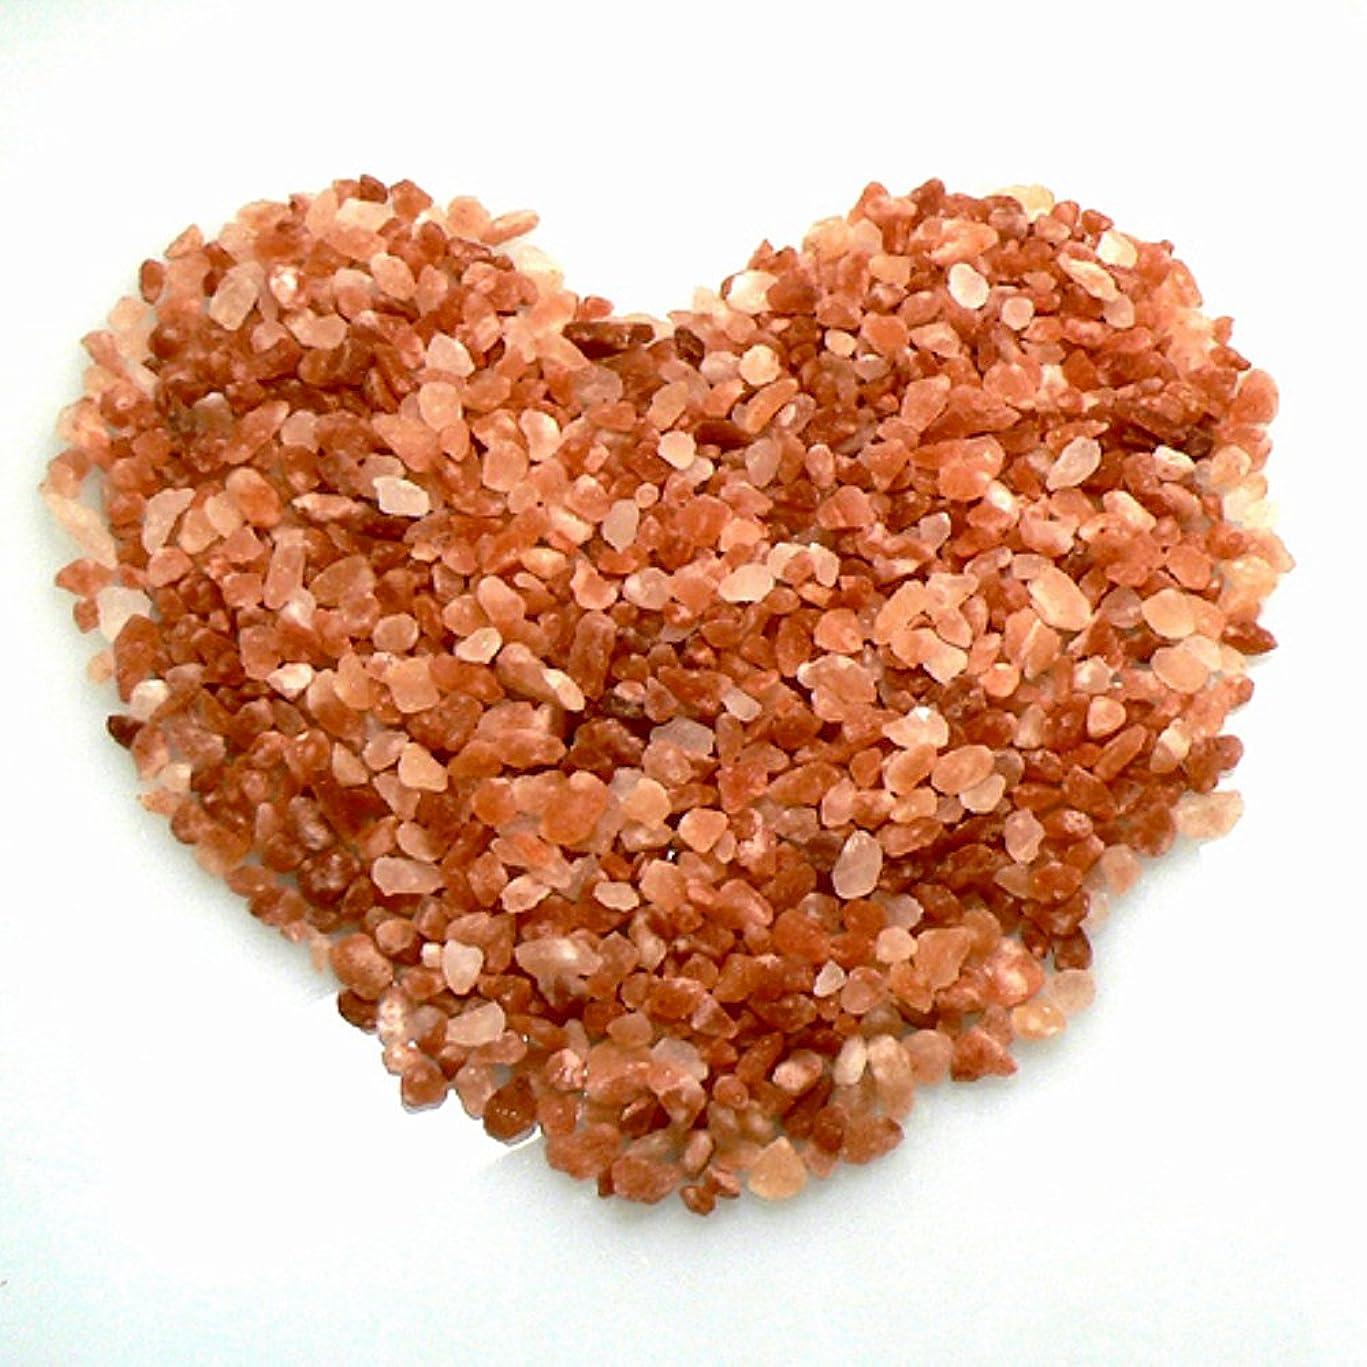 離婚あご拒絶するヒマラヤ岩塩 ピンクソルト 入浴用 バスソルト(小粒)2kg ピンク岩塩